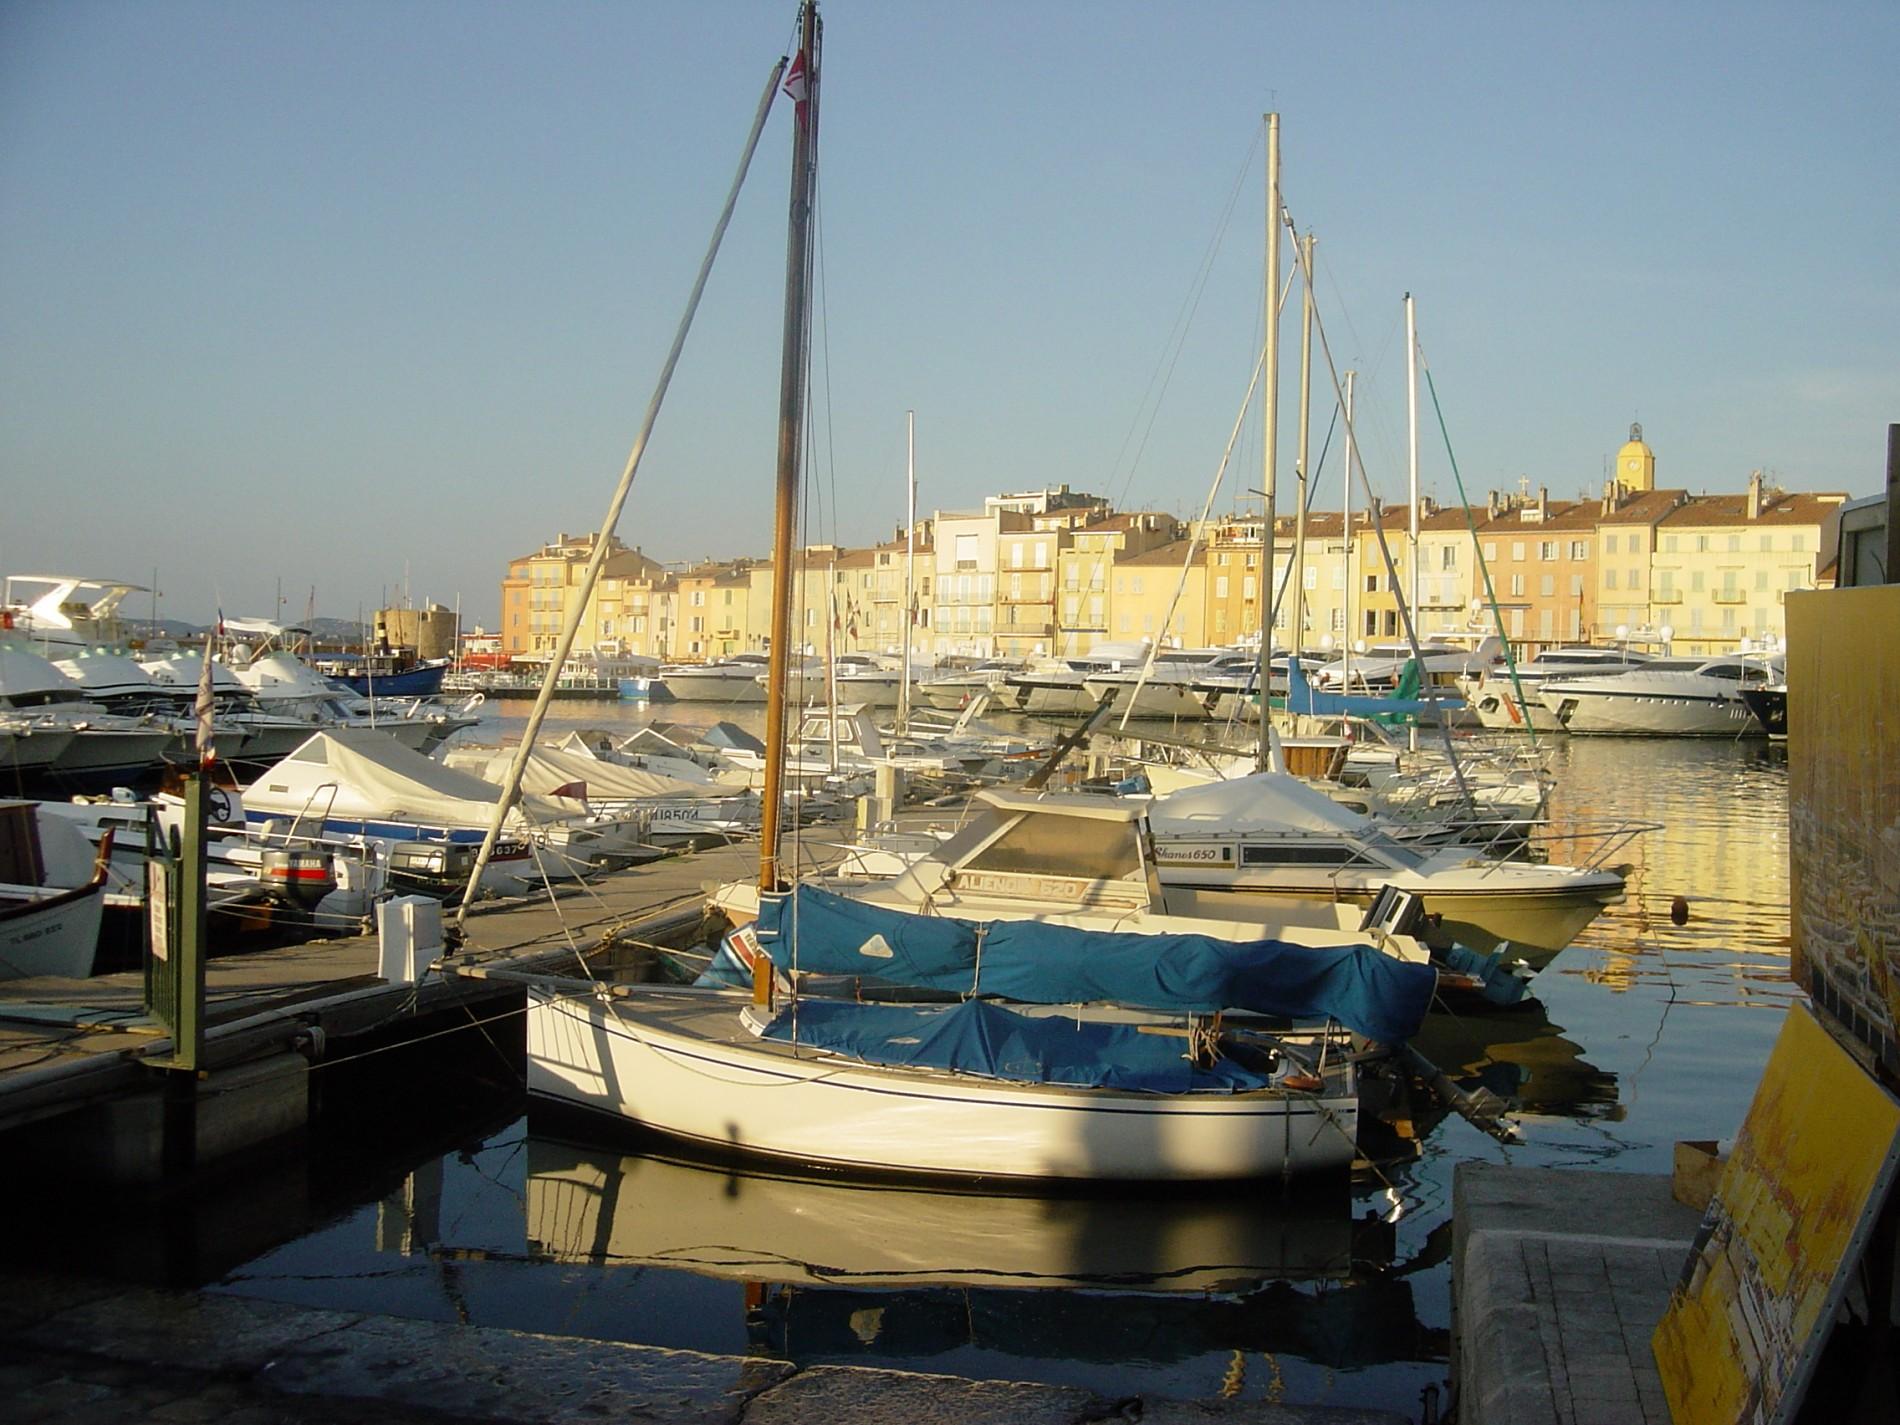 St Tropez - Saint-Tropez French Riviera